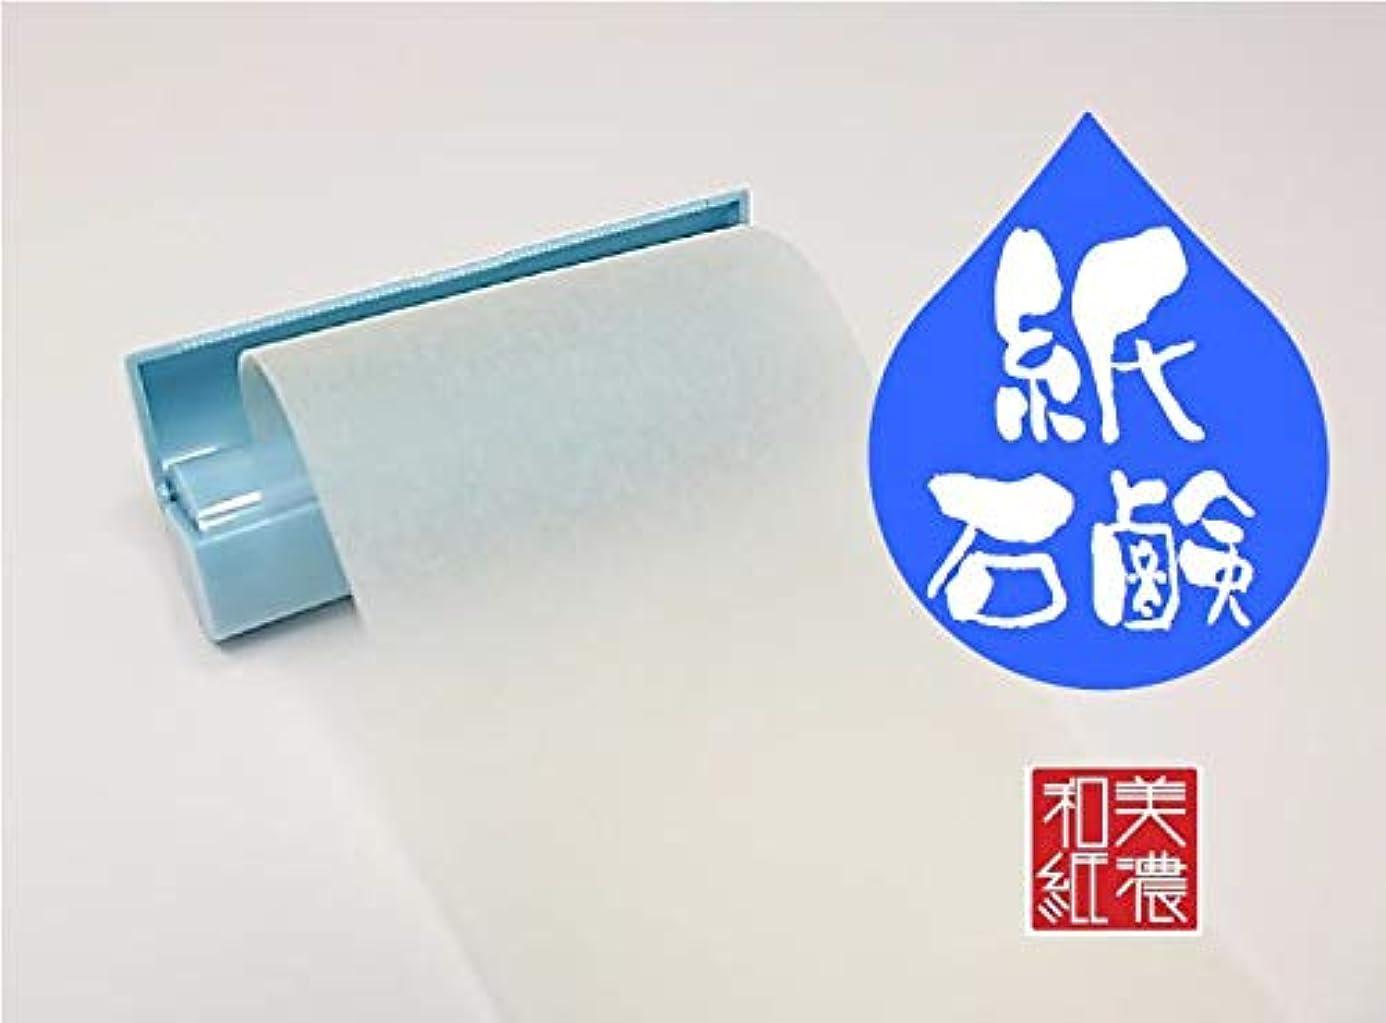 持ち運び便利な手のひらサイズのフリーカット紙石鹸